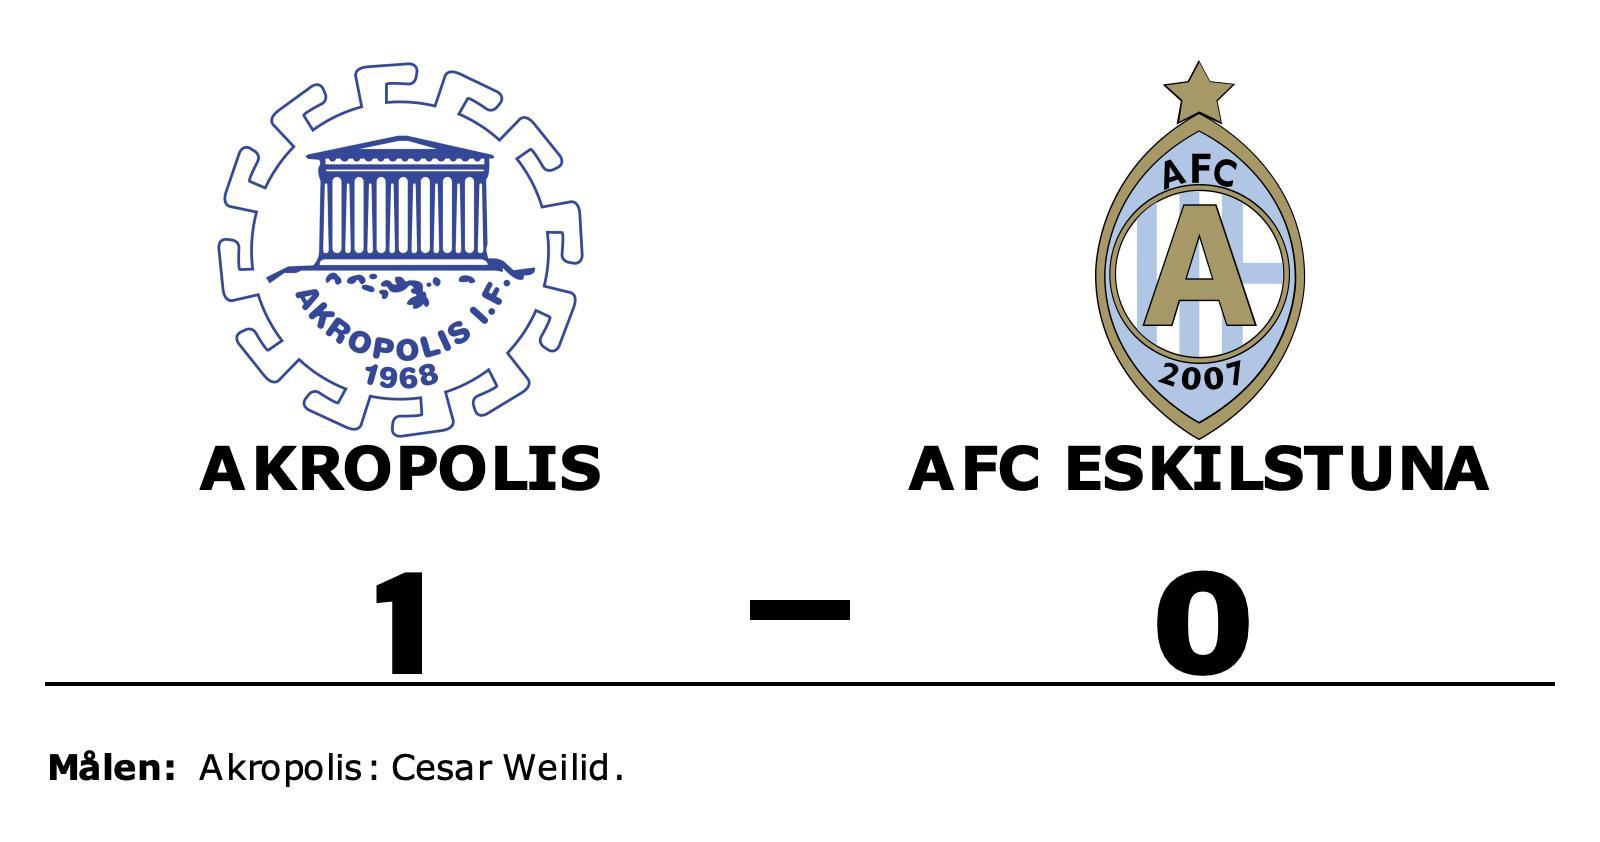 Cesar Weilid matchhjälte för Akropolis hemma mot AFC Eskilstuna